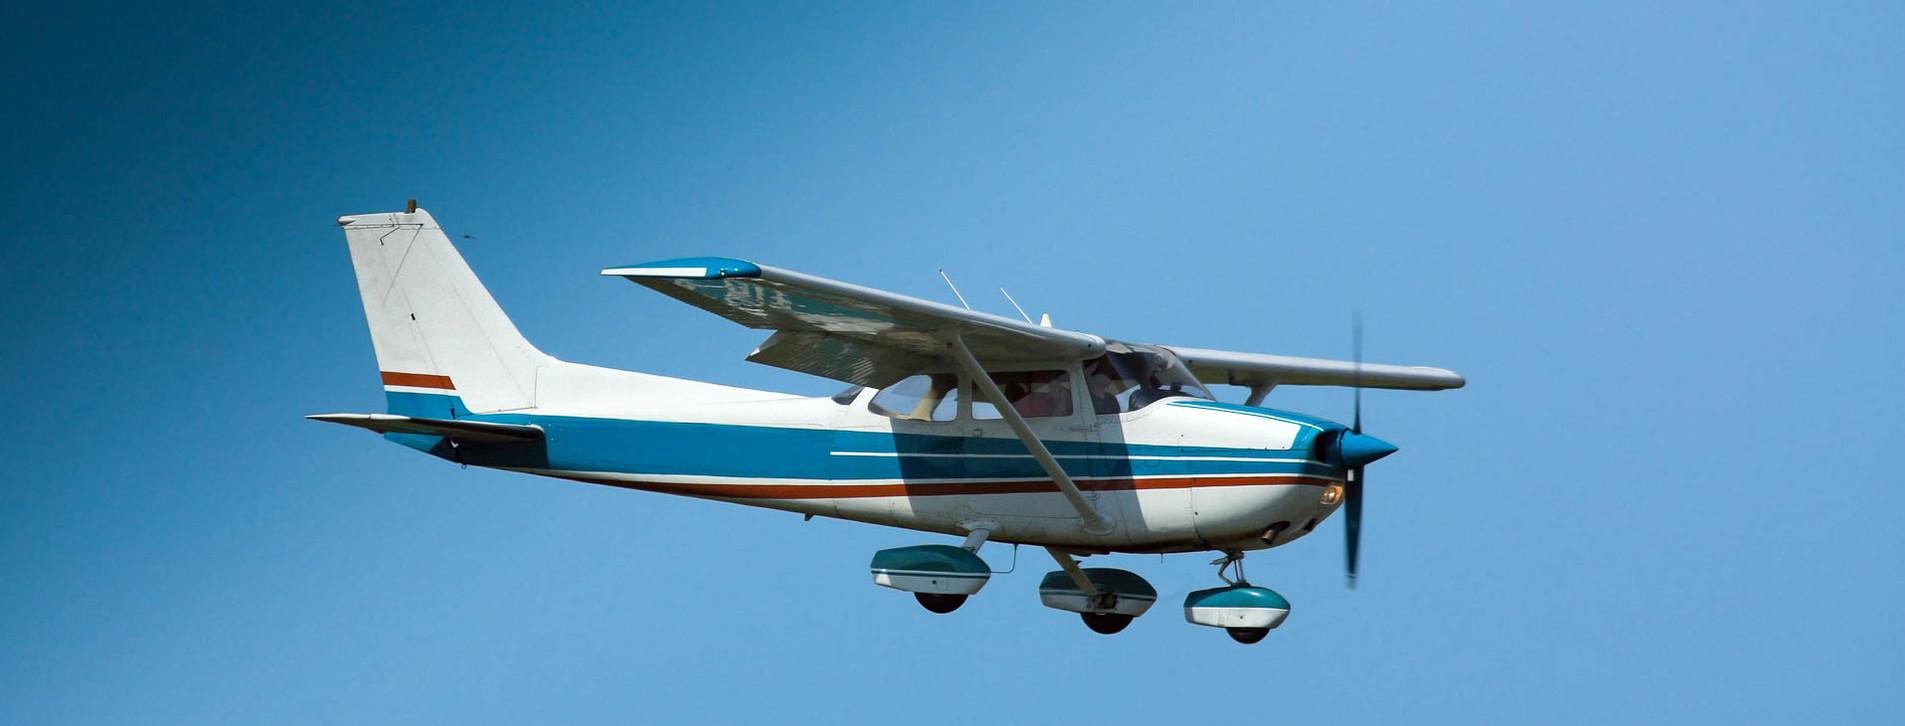 Фото 1 - Полет на самолете для двоих